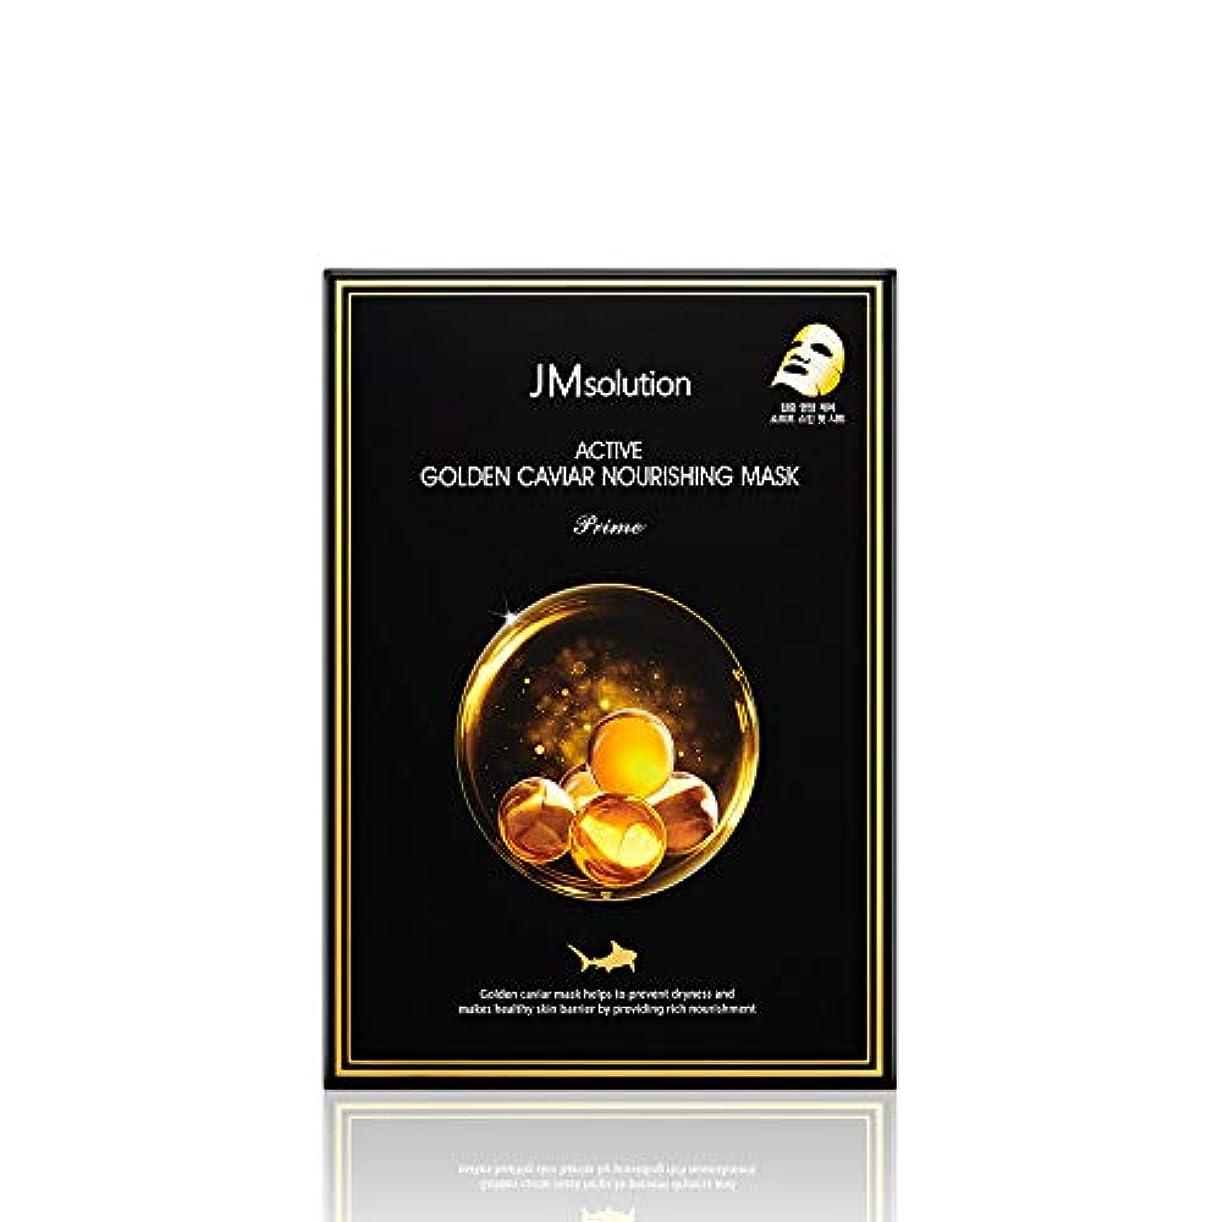 代数木製明らかにJMソリューション(JM Solution) 乾燥肌のためのアクティブゴールデンキャビア栄養マスクプライム 30mlx10P / Active Golden Caviar Nourishing Mask Prime For...